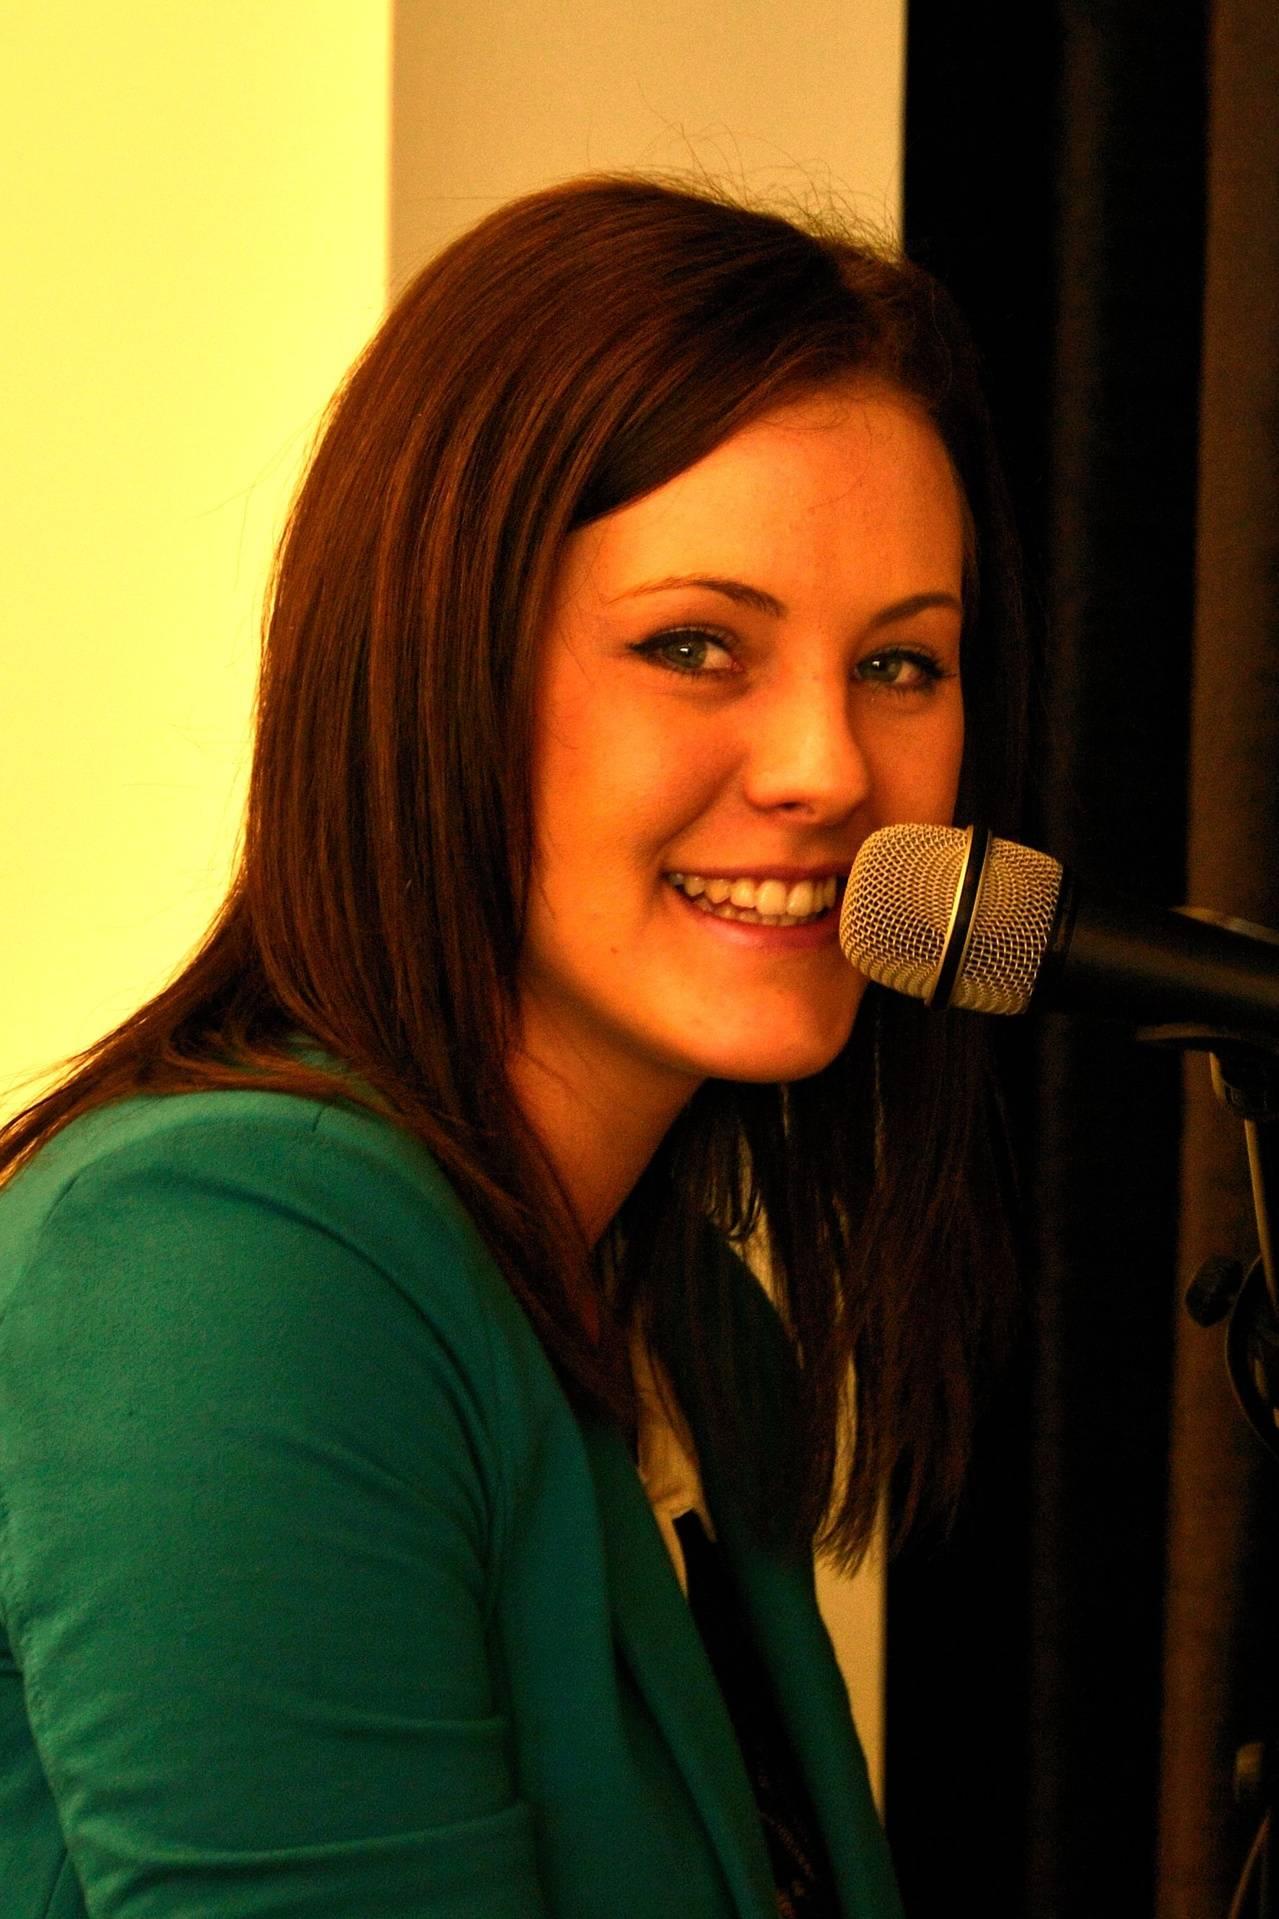 Jessica Berwick